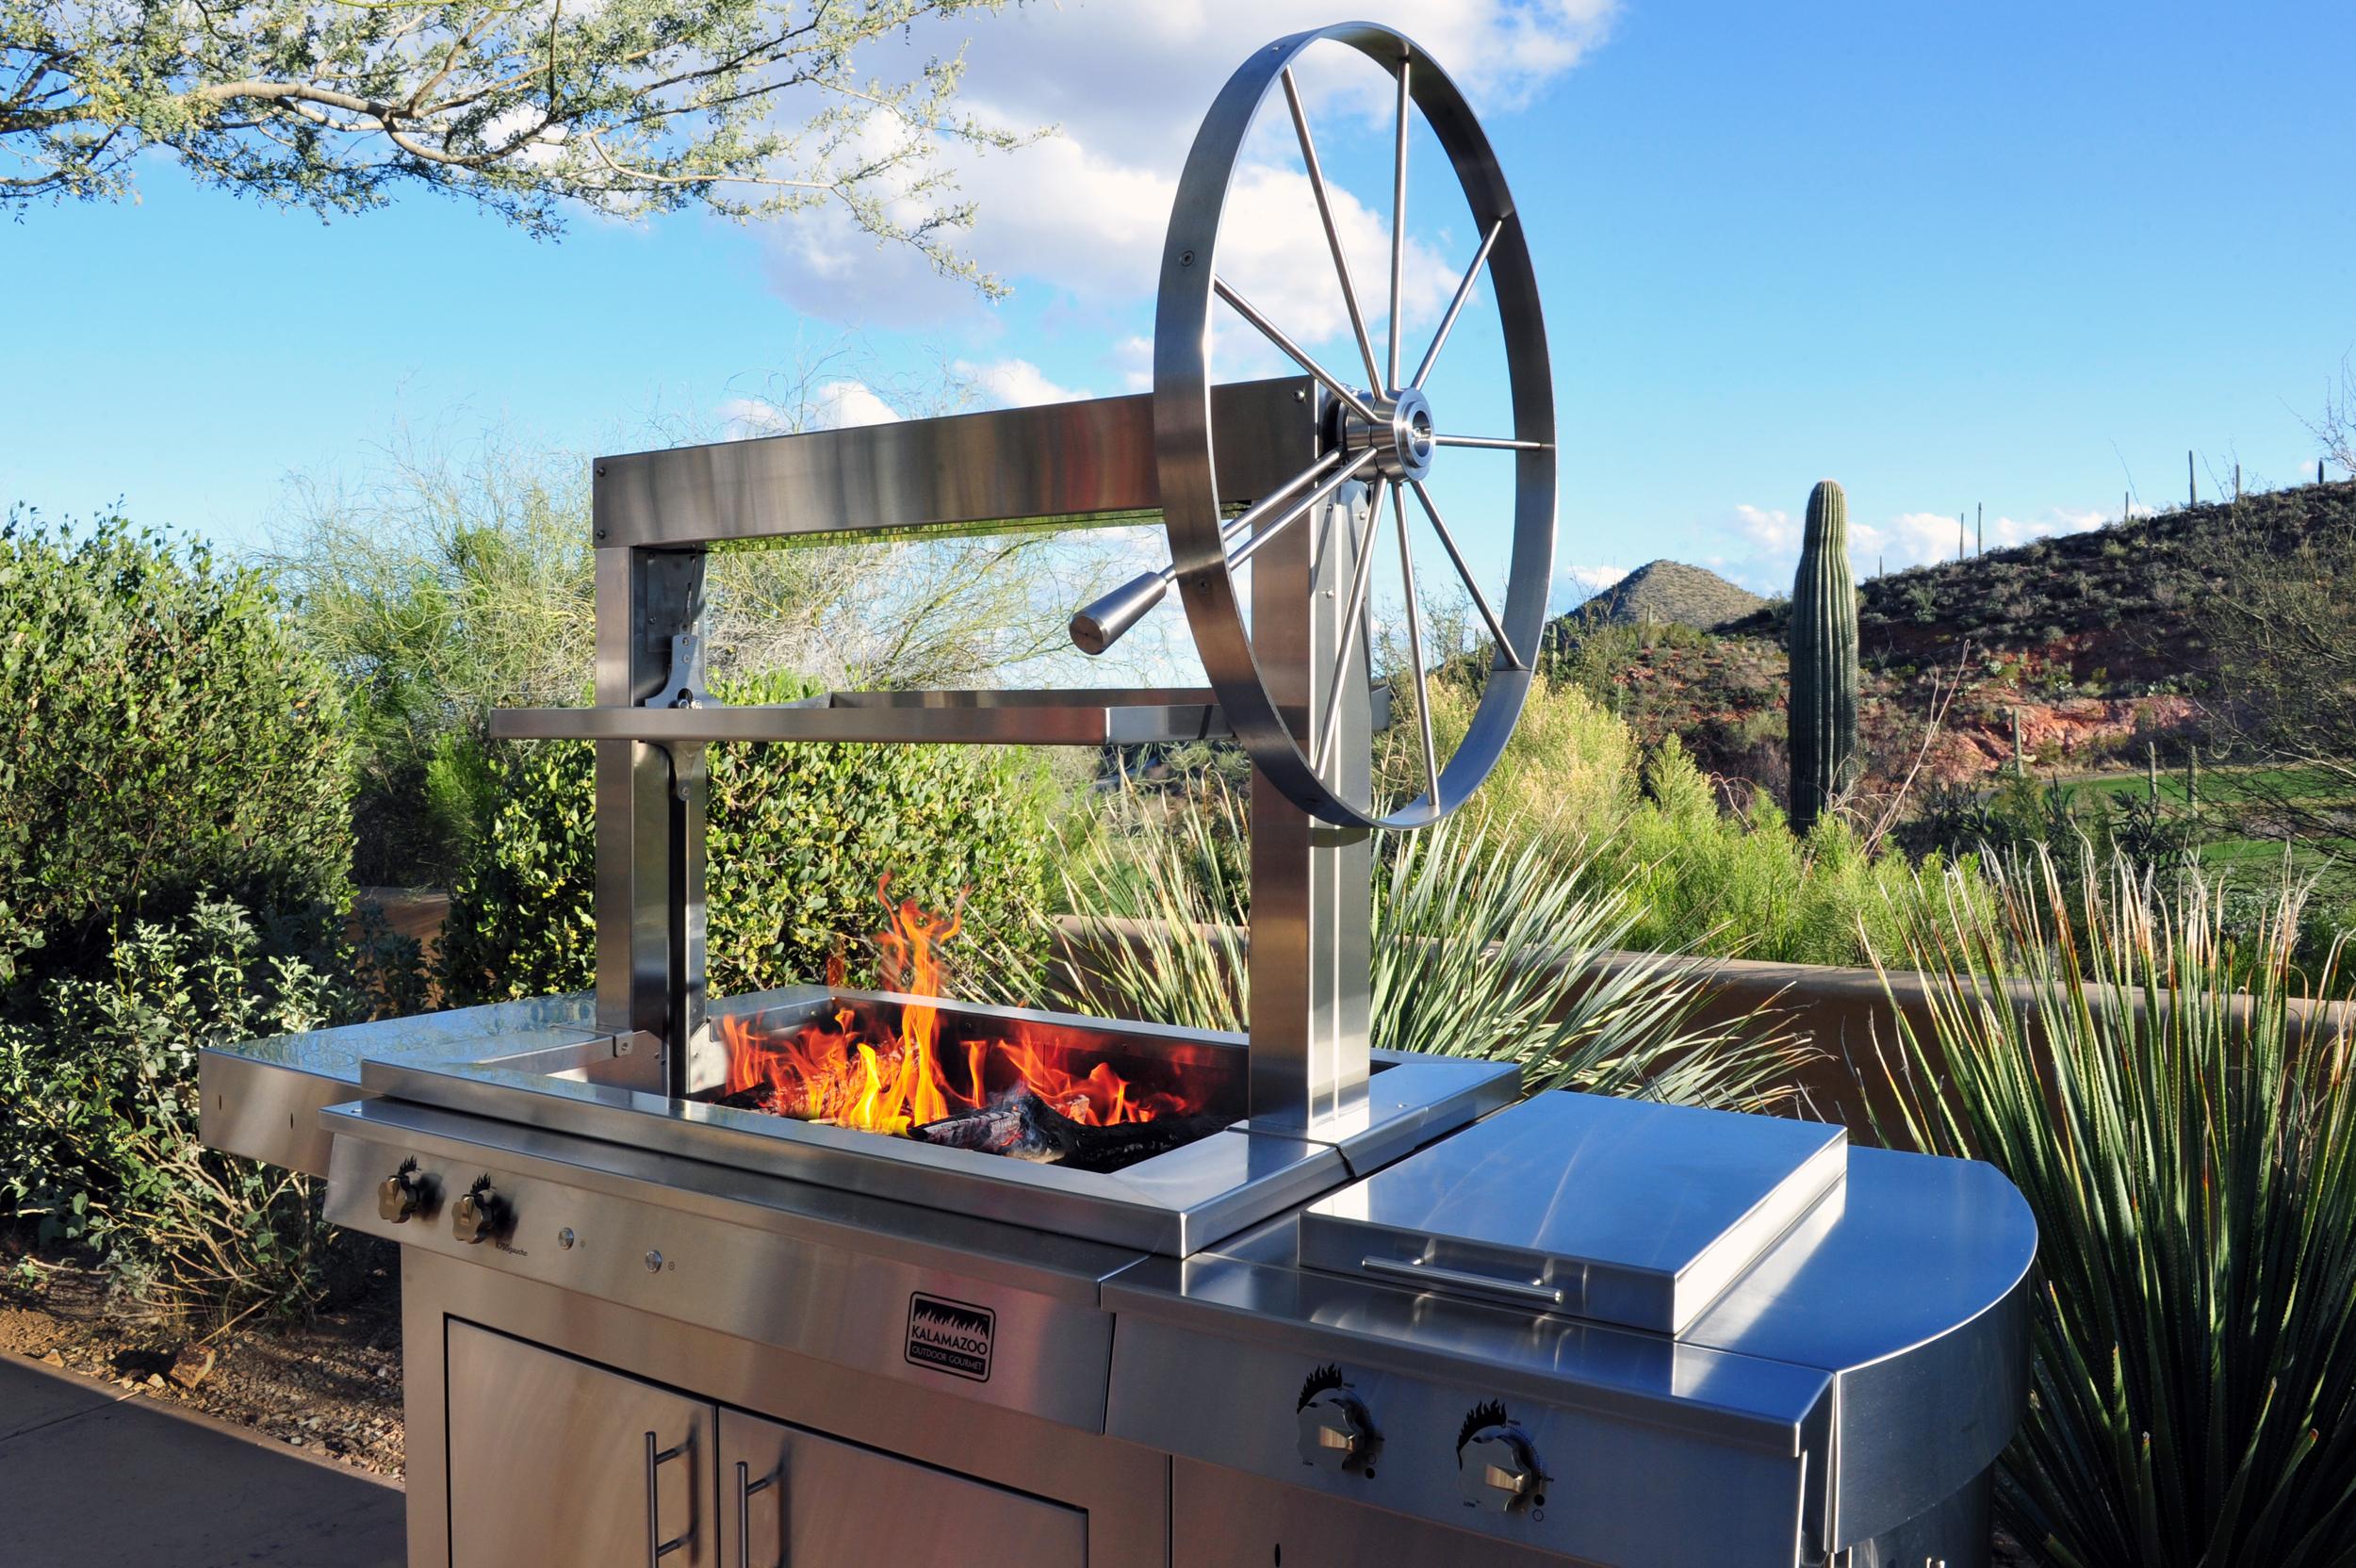 Kalamazoo's new gaucho grill